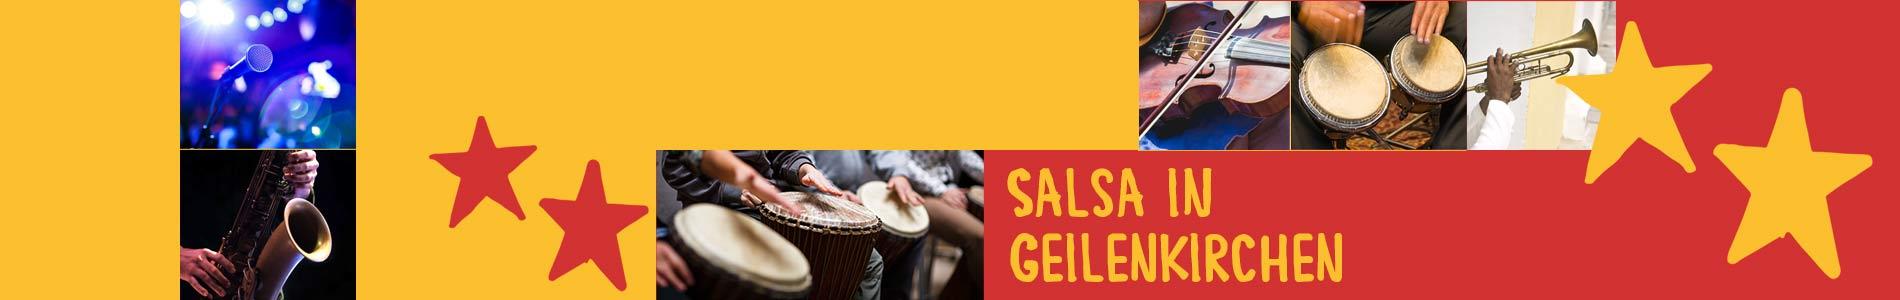 Salsa in Geilenkirchen – Salsa lernen und tanzen, Tanzkurse, Partys, Veranstaltungen